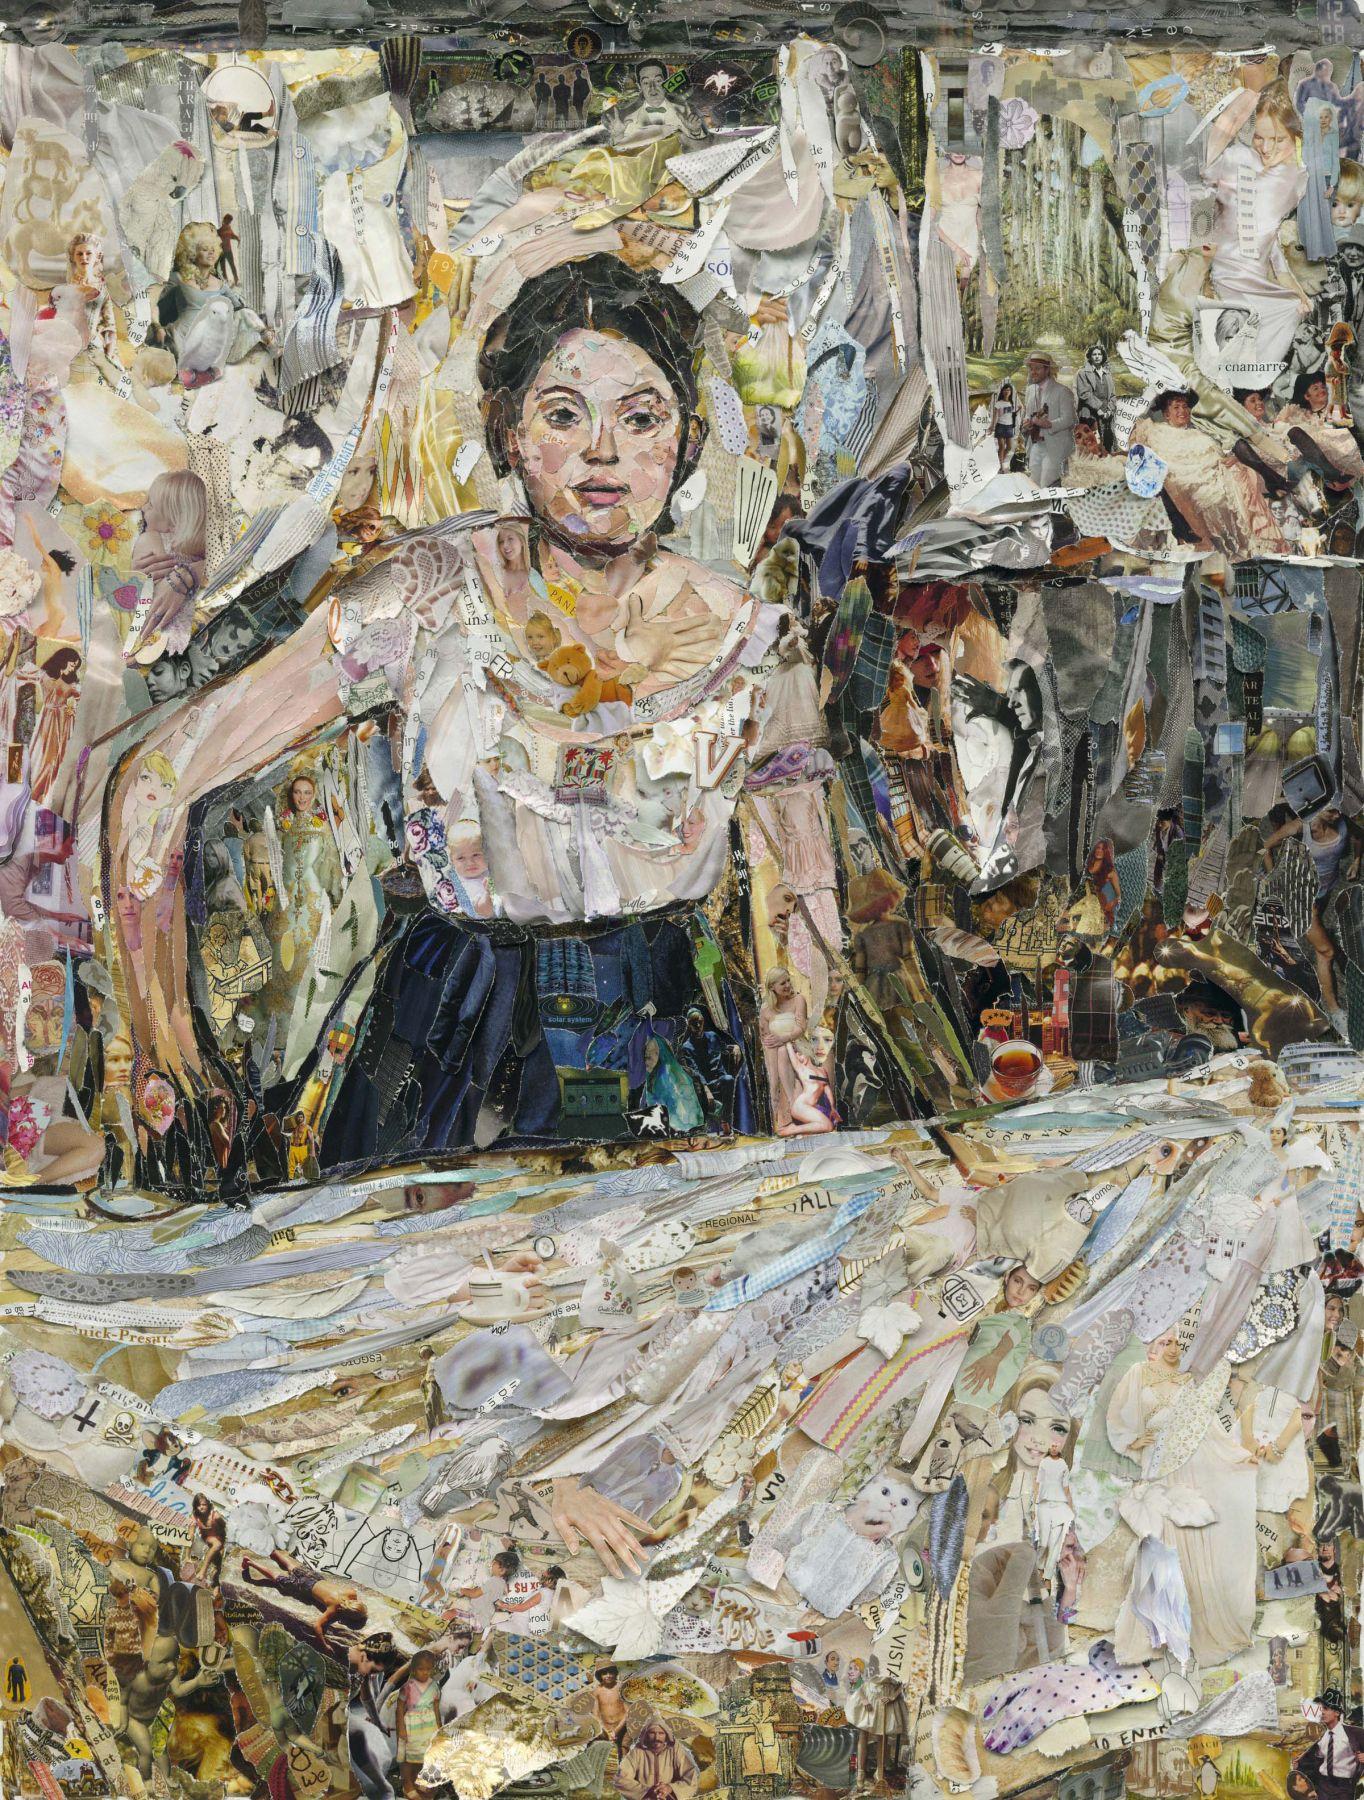 vik muniz woman ironing, after edgar degas